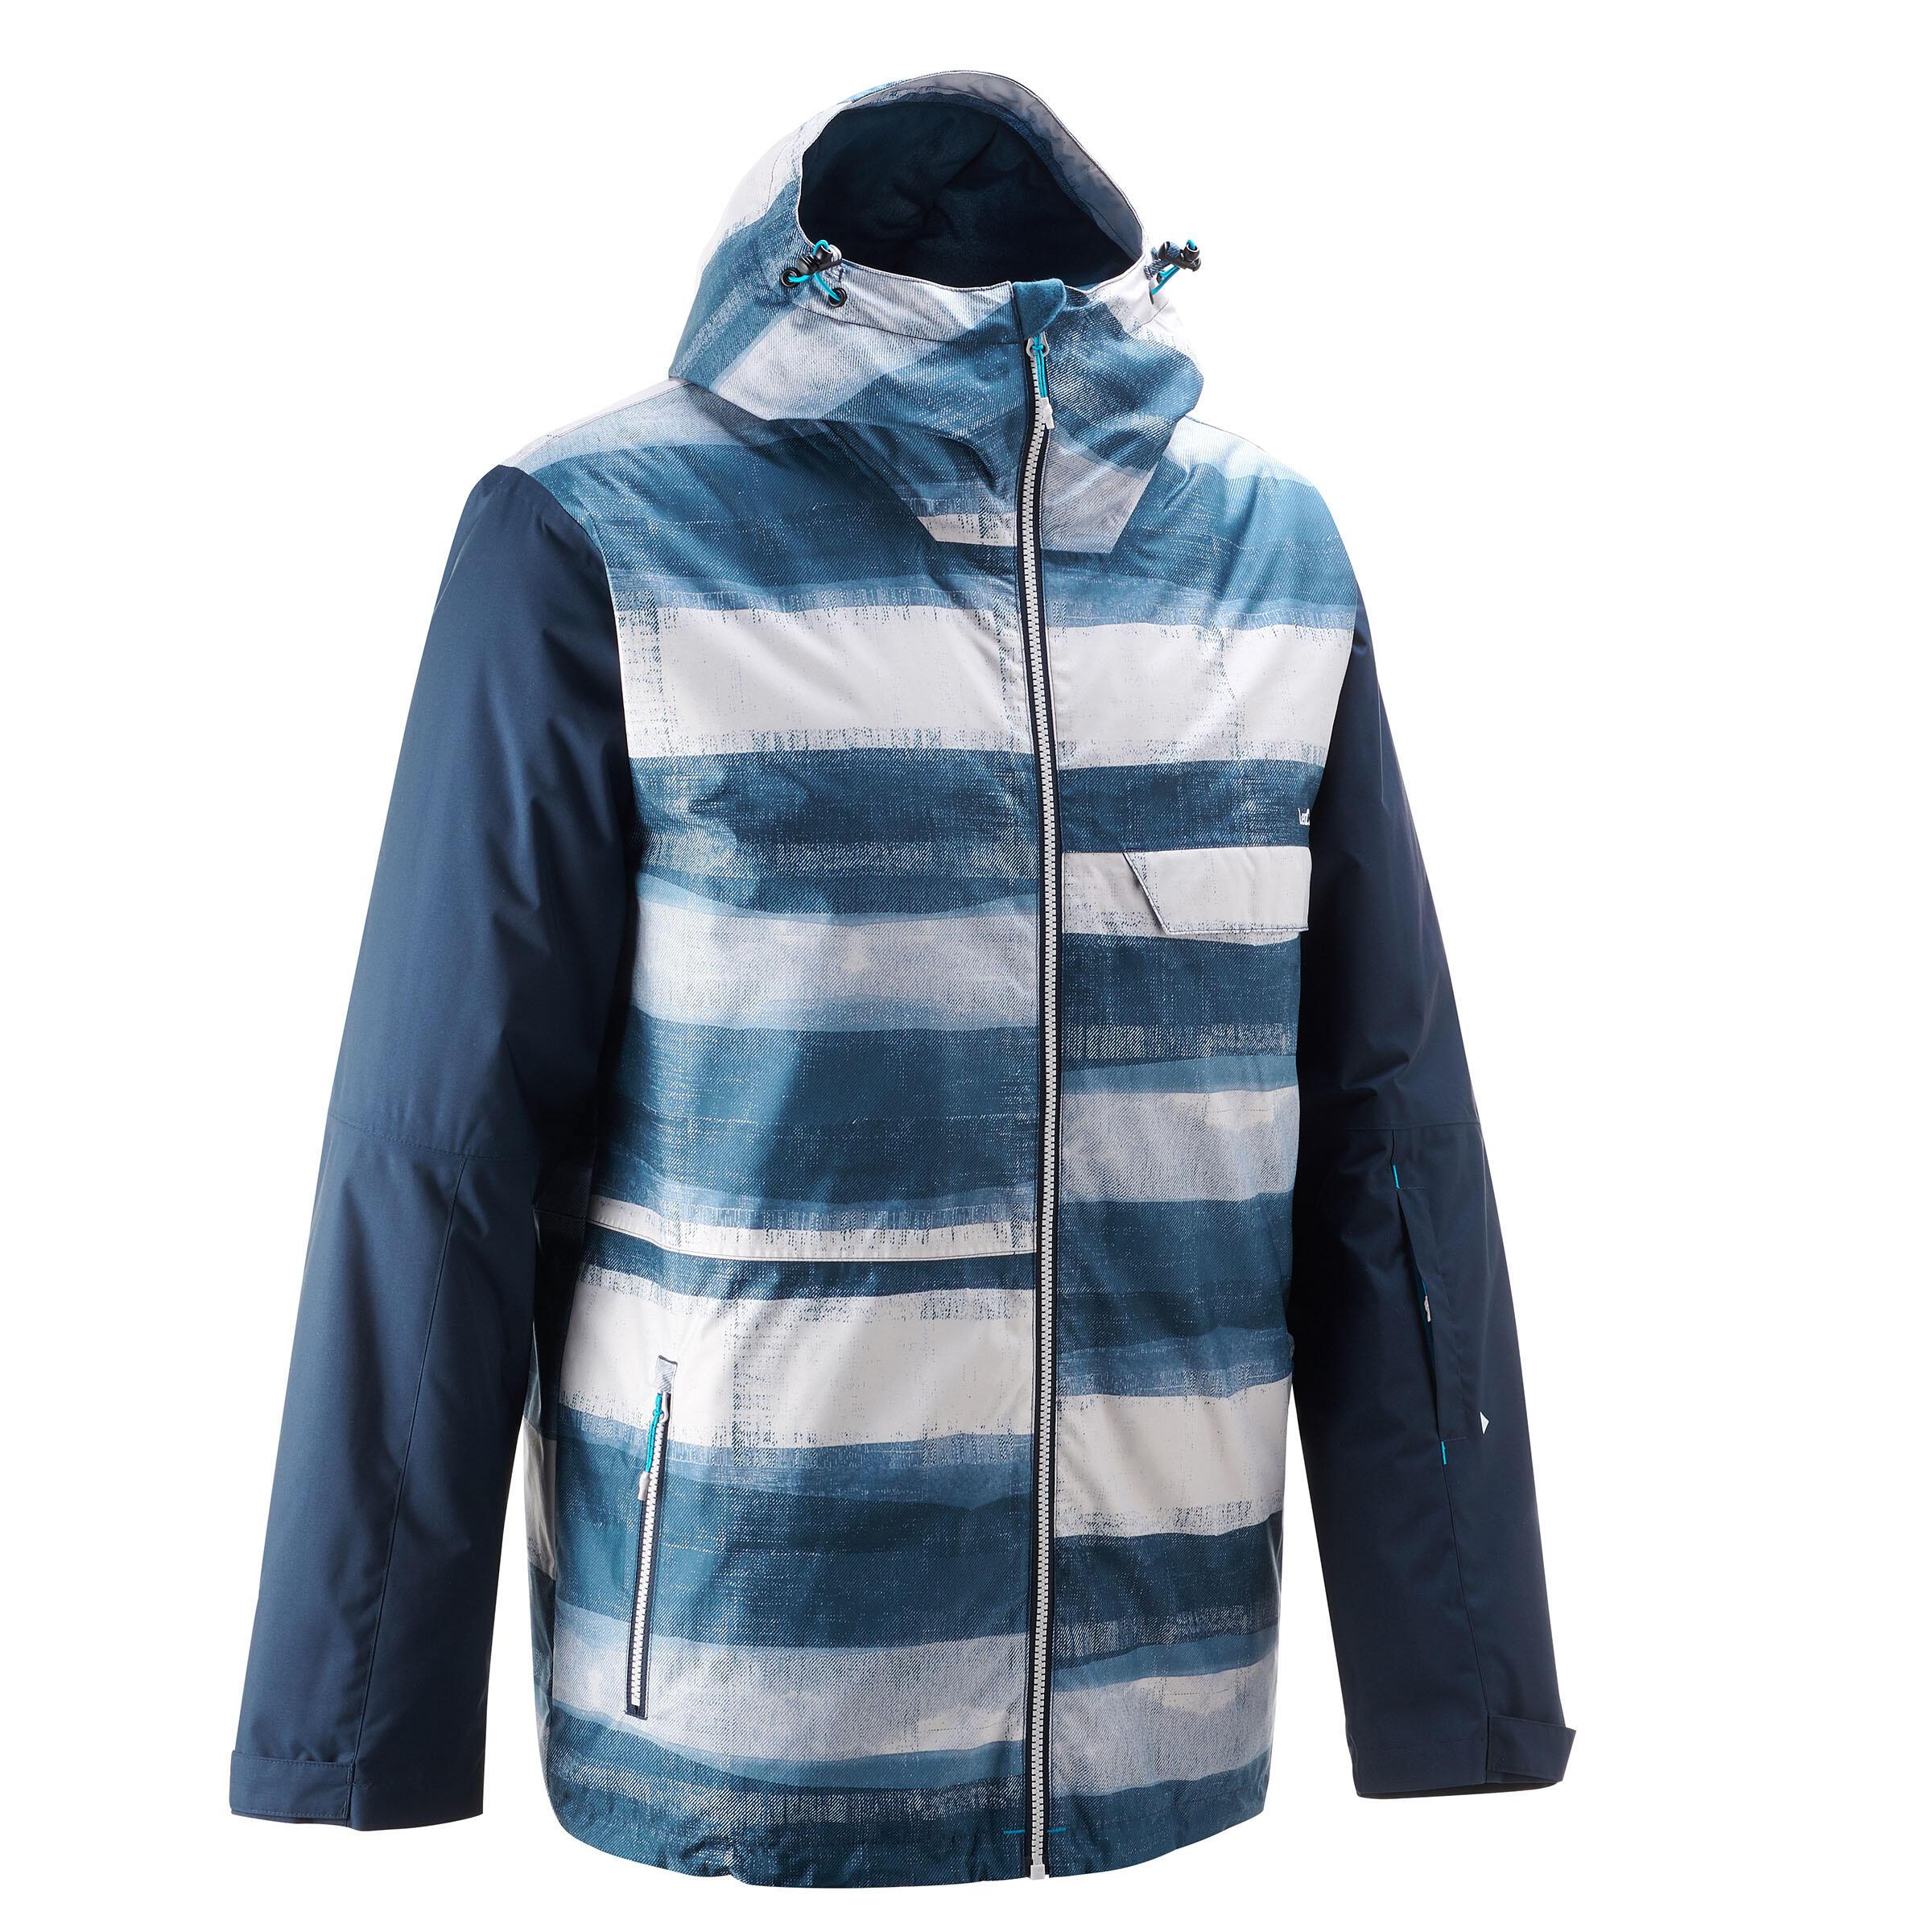 Manteau de planche à neige et de ski homme SNB JKT 100 imprimé bleu